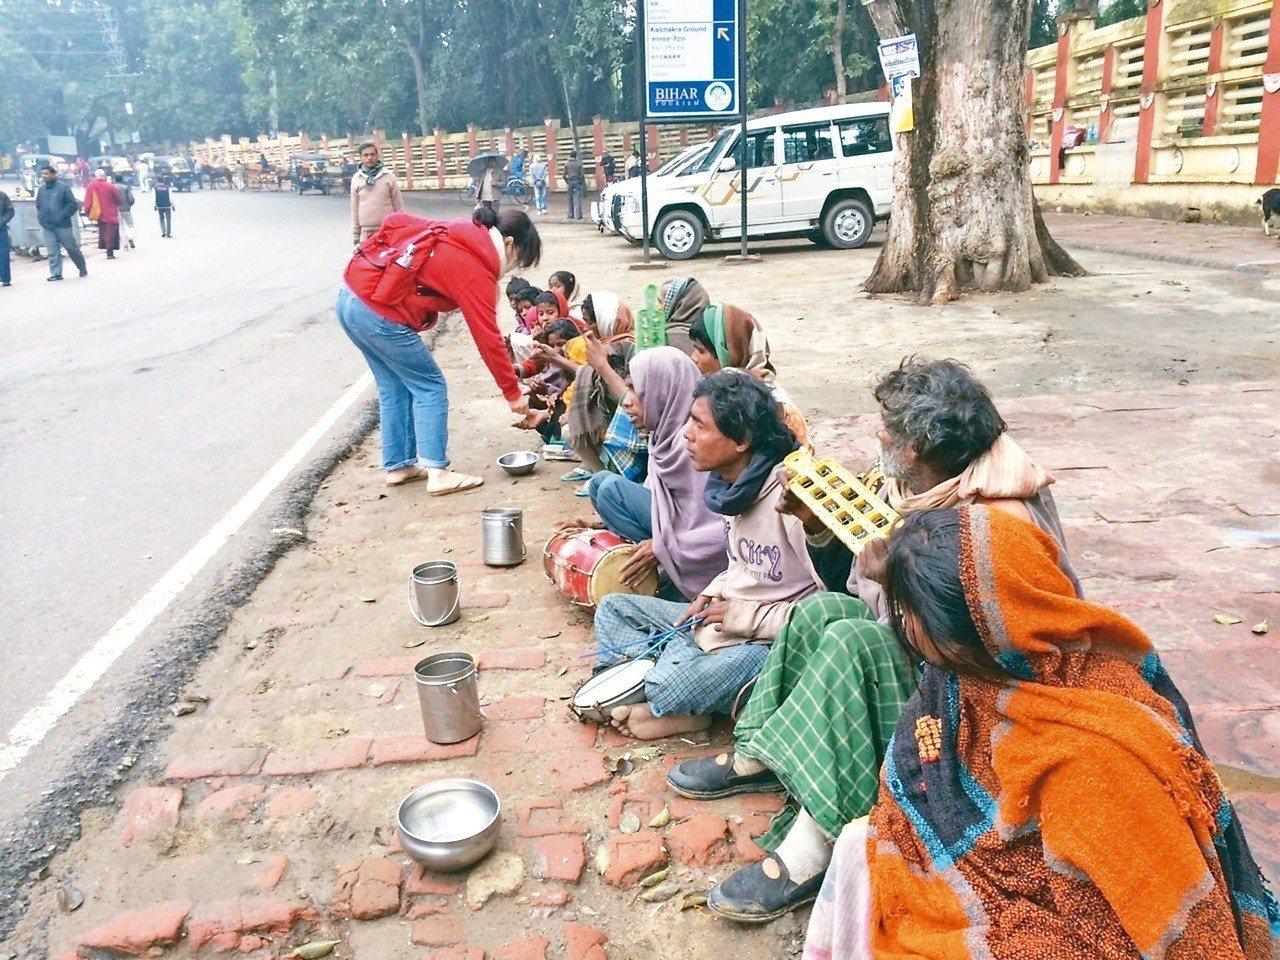 乞丐們是種姓的最低階層,難以翻身,靠著行乞過活。